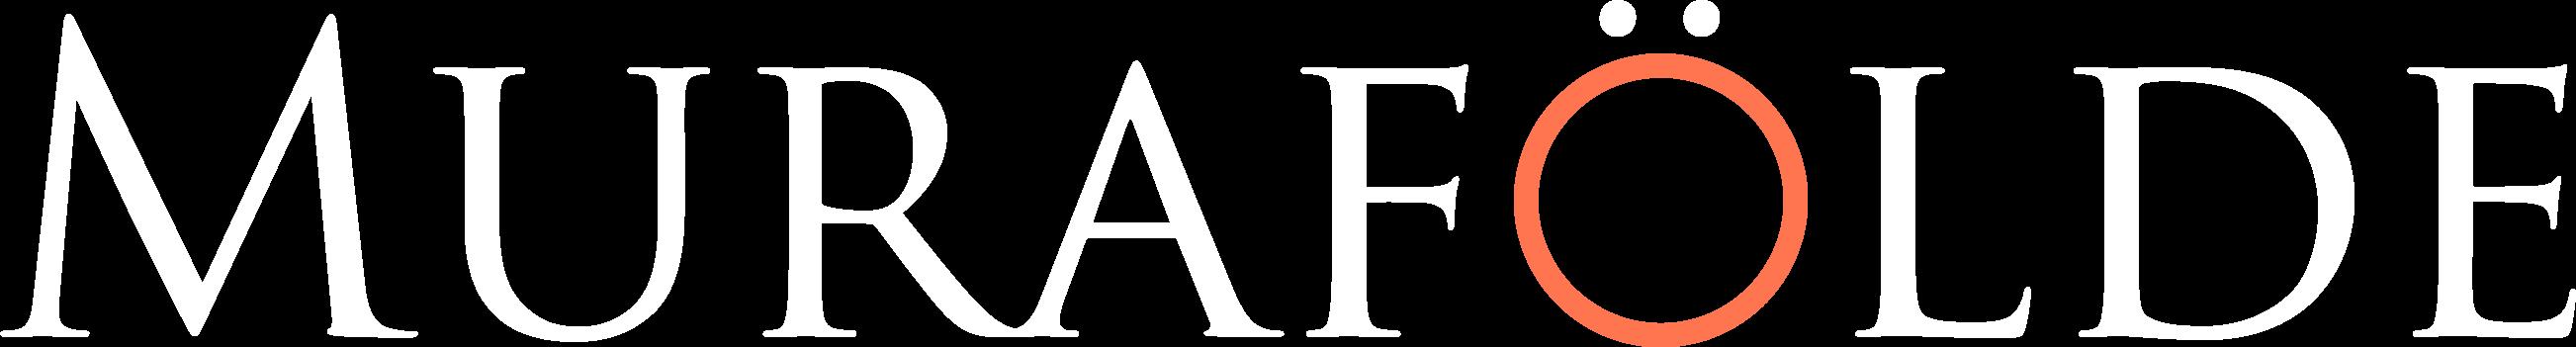 Murafölde logó